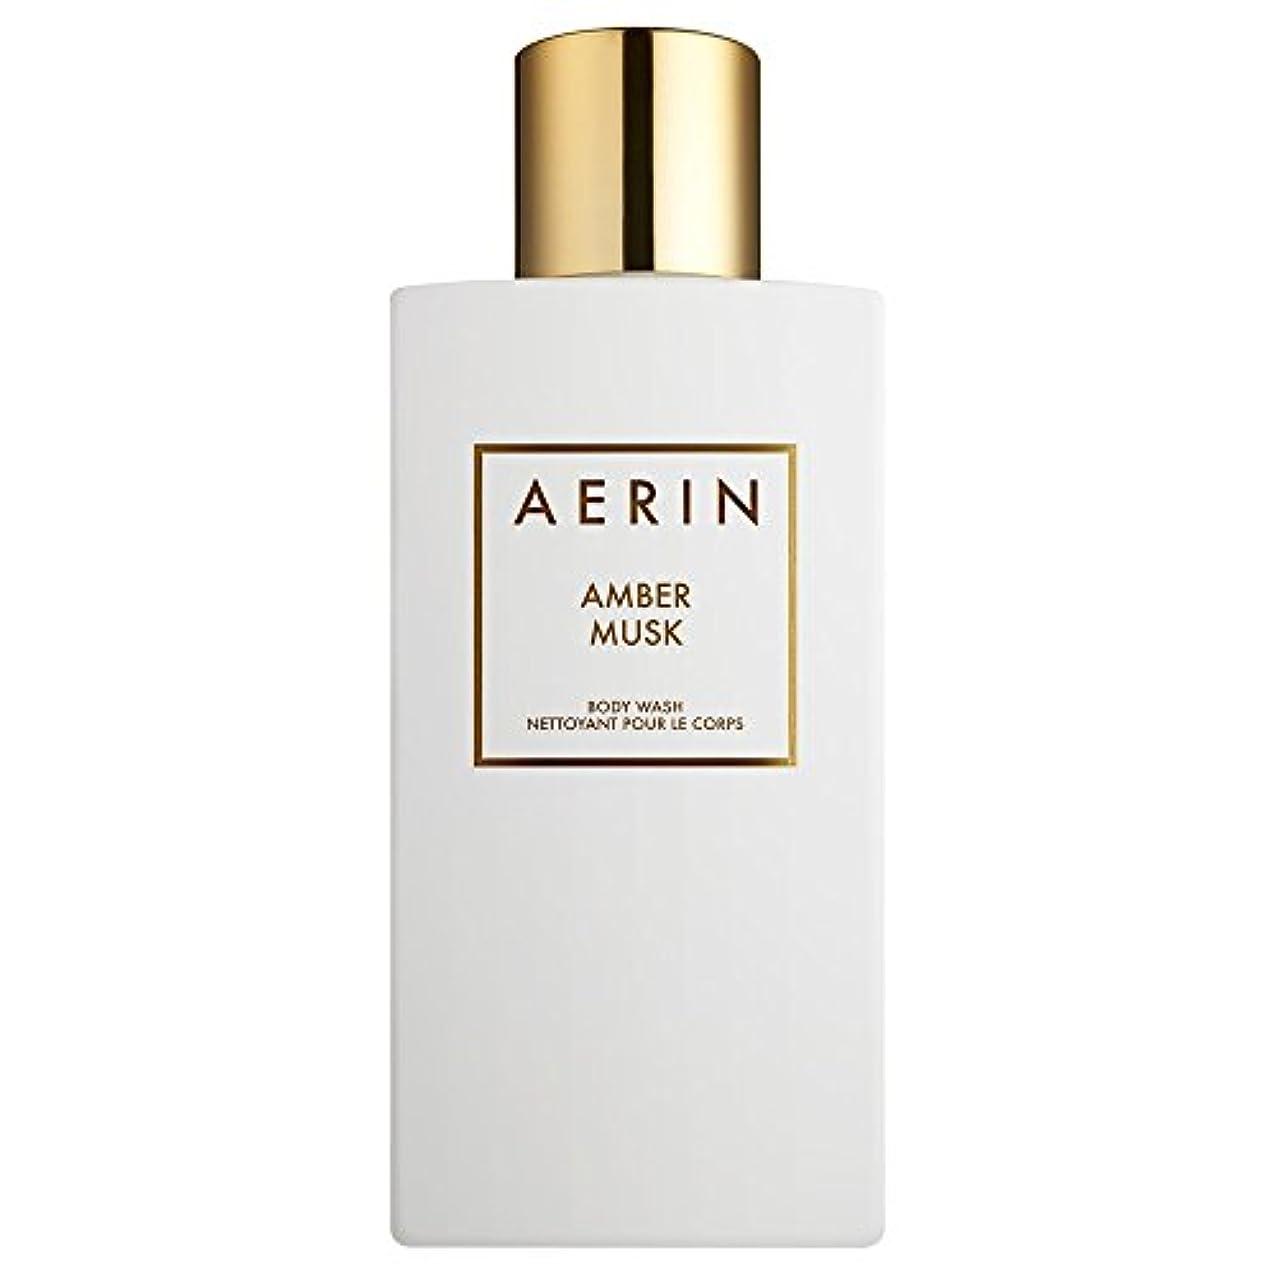 葉っぱ強度賄賂Aerinアンバームスクボディウォッシュ225ミリリットル (AERIN) (x6) - AERIN Amber Musk Bodywash 225ml (Pack of 6) [並行輸入品]